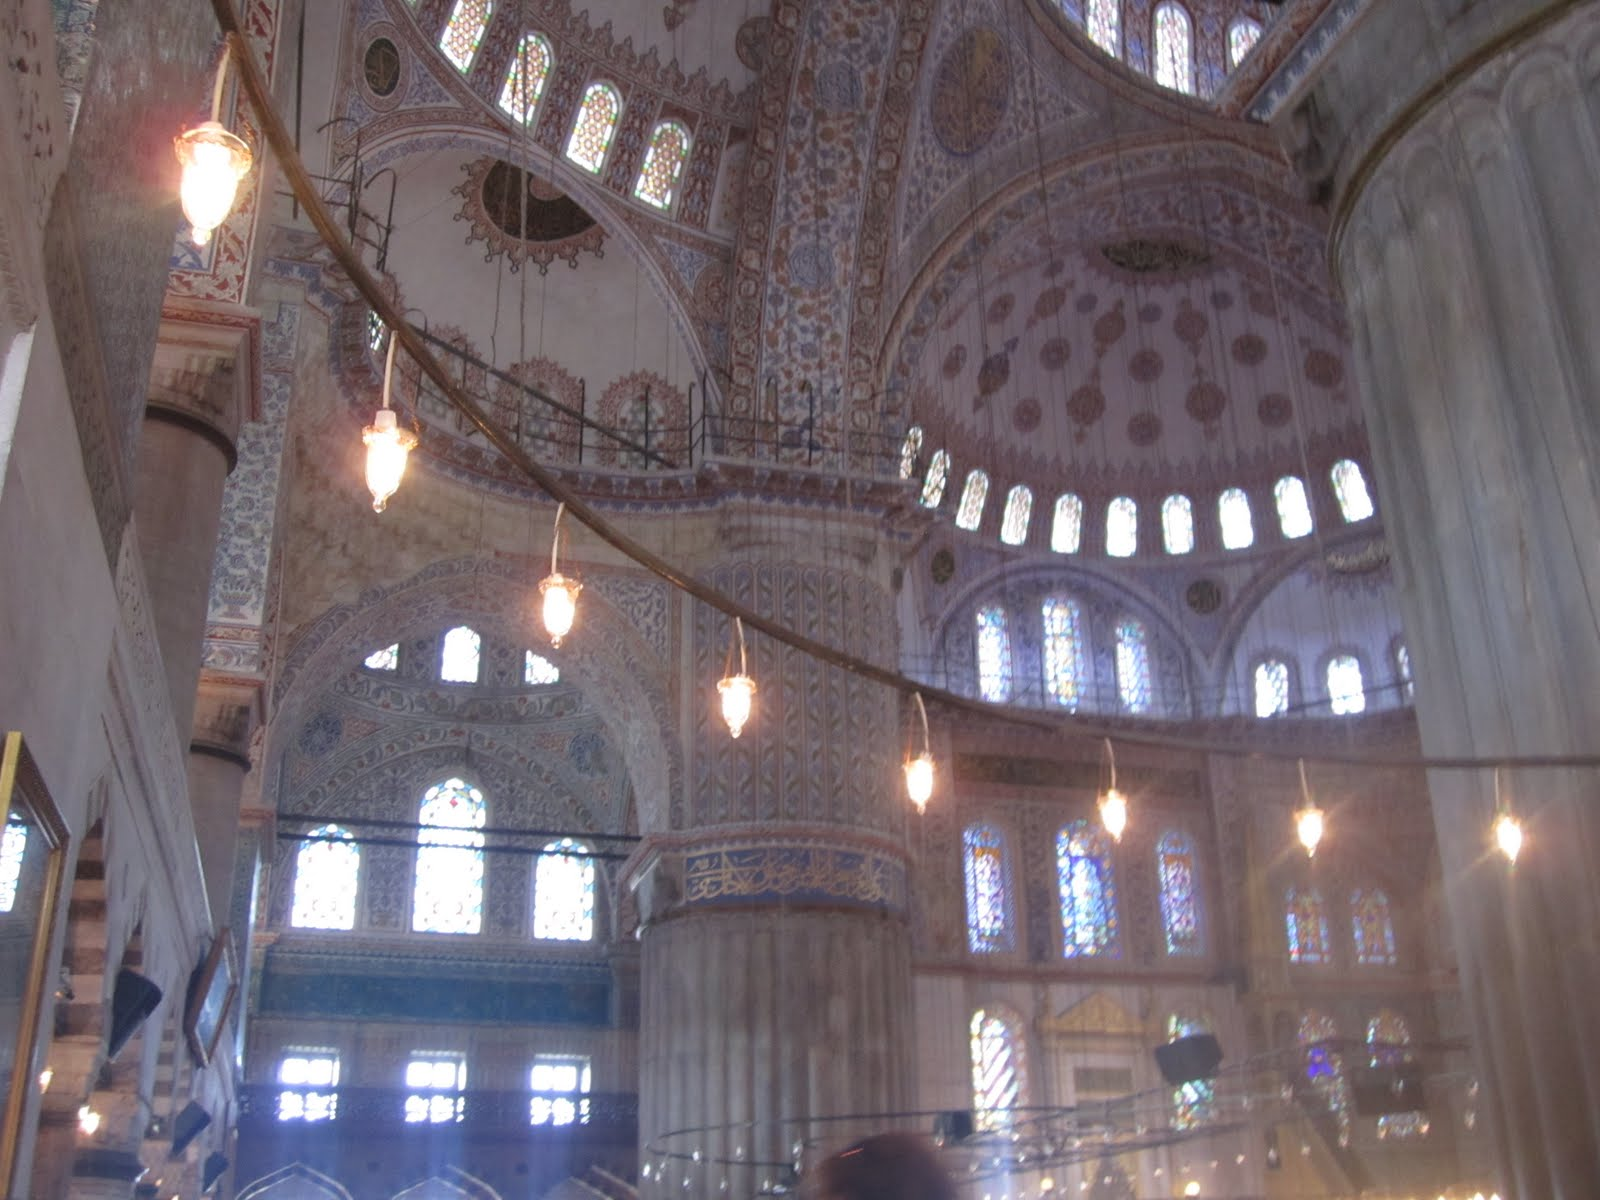 art essay contest istanbul center